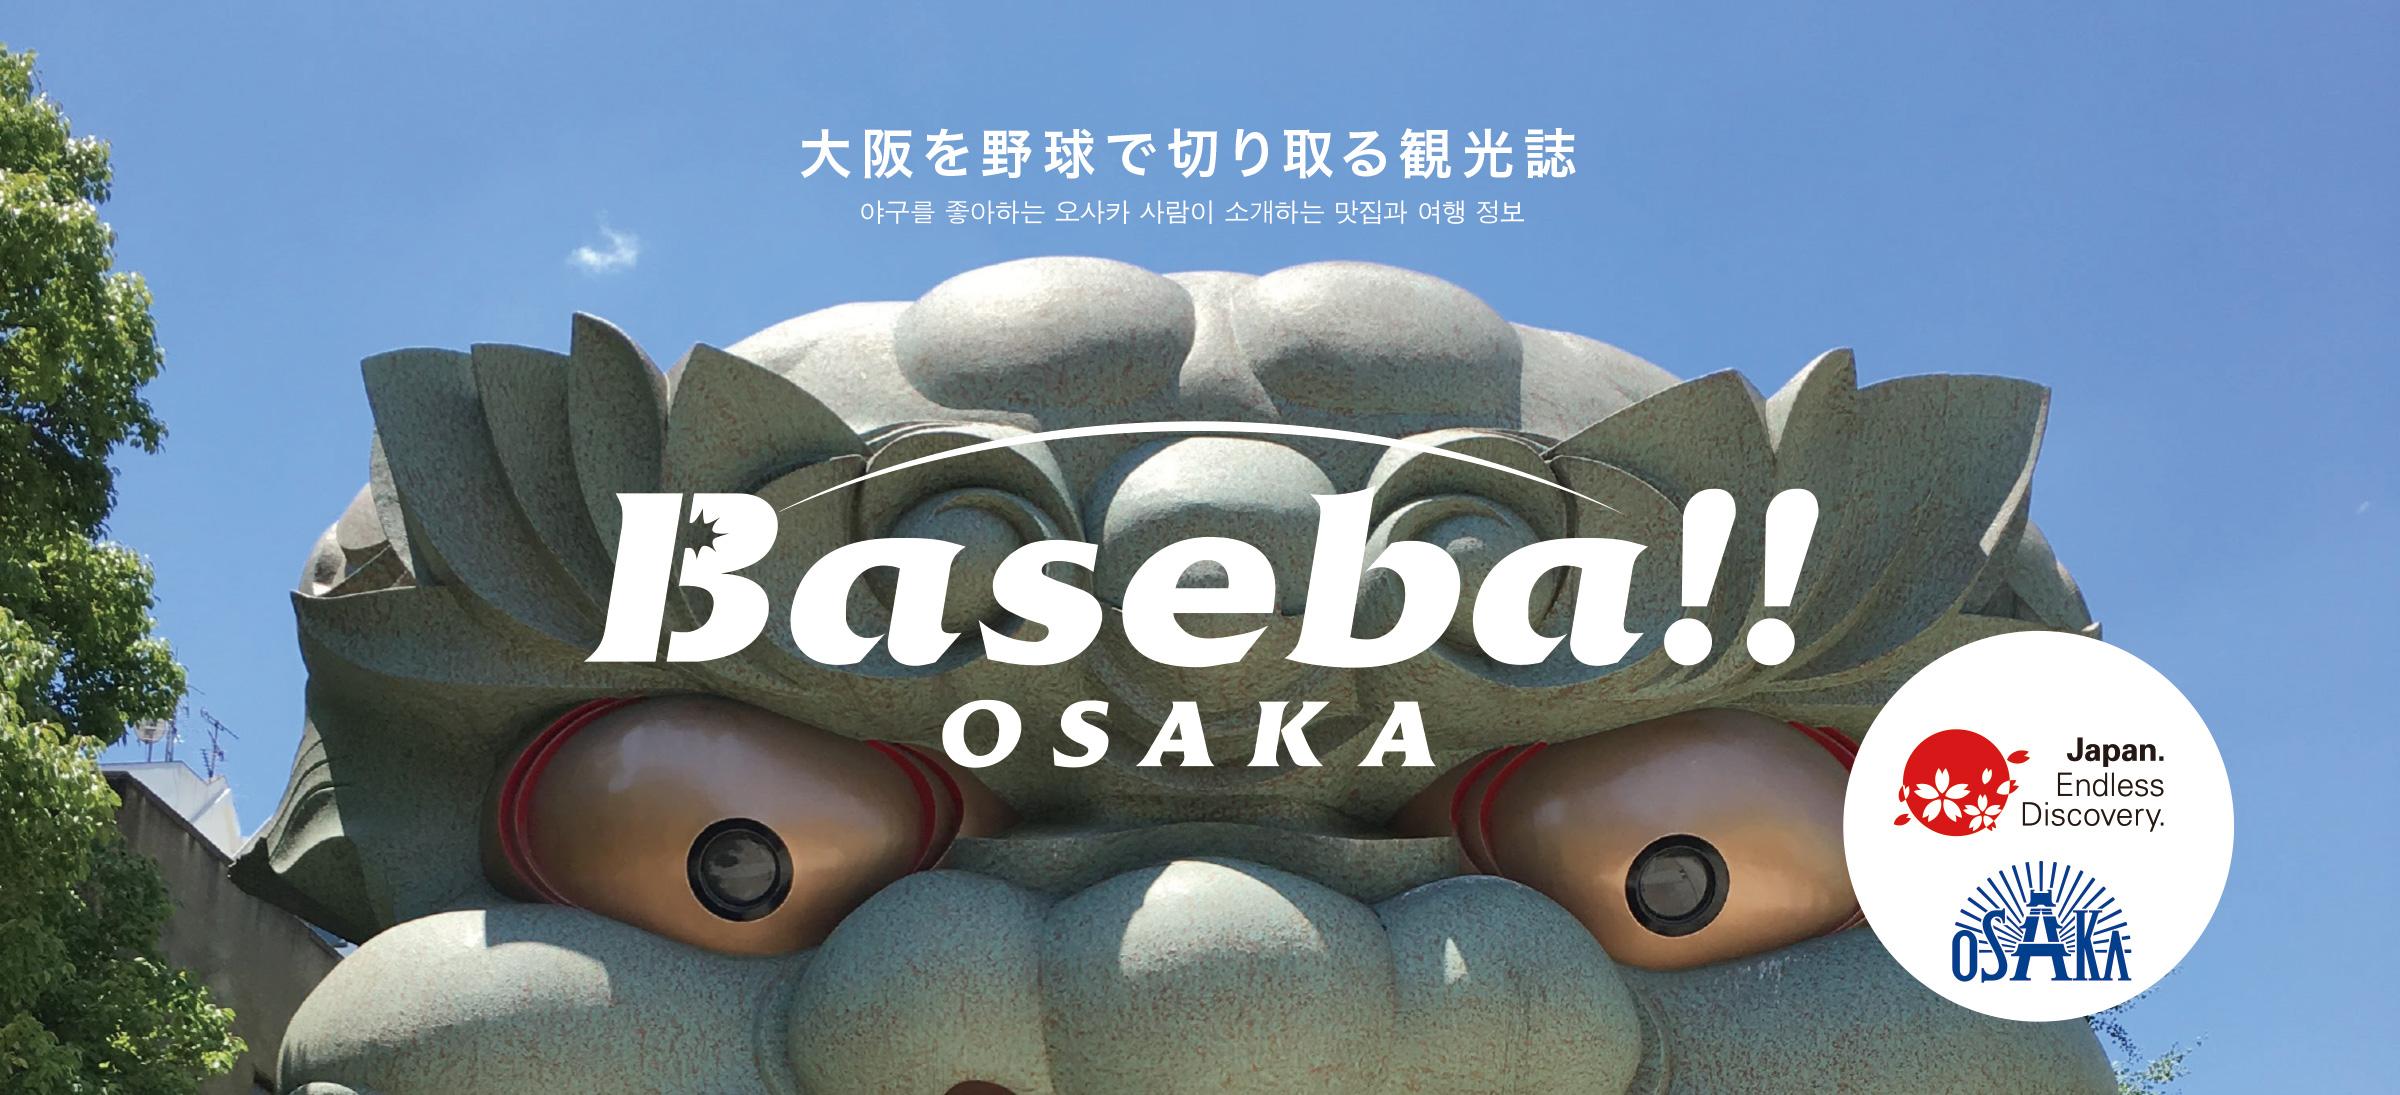 Baseba!!(バセバ大阪)ヘッダー